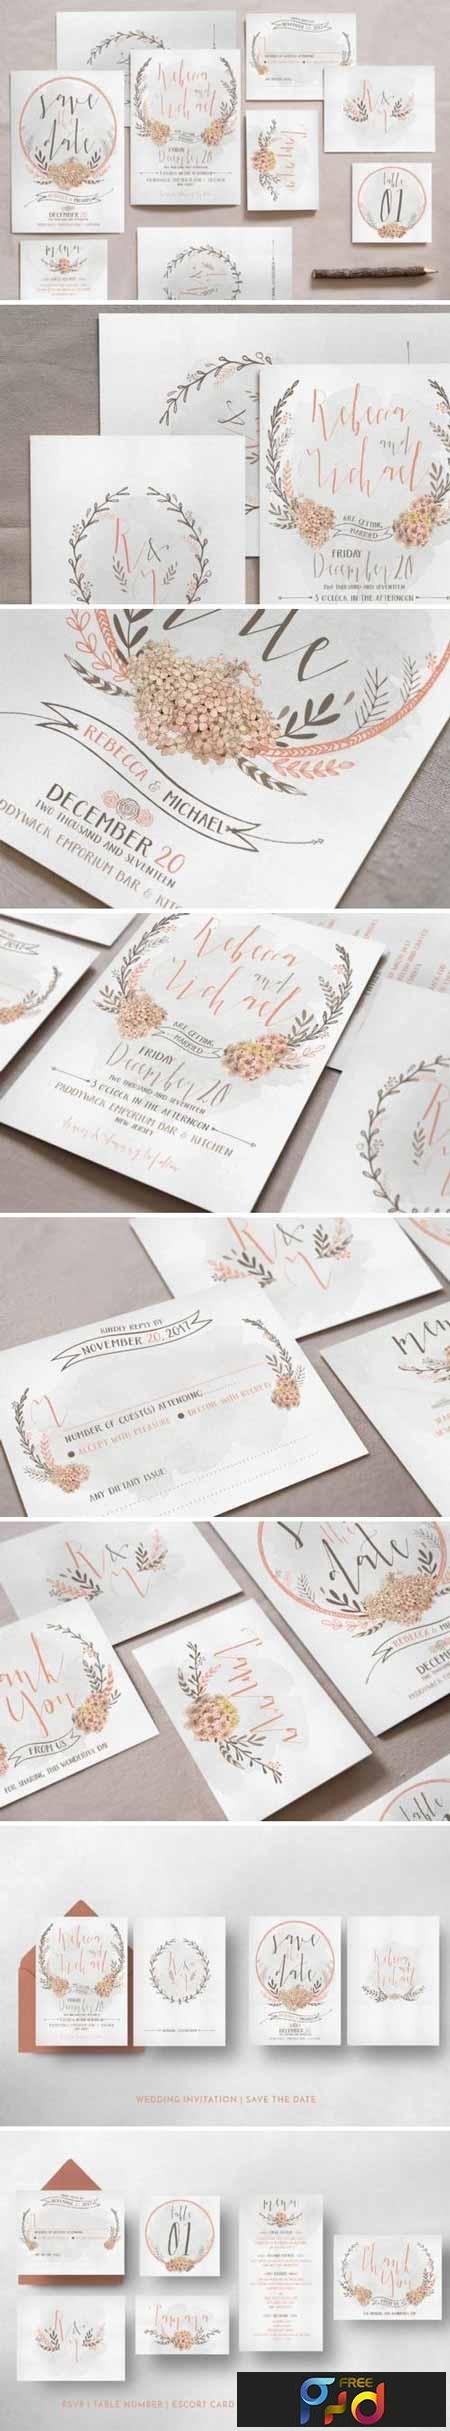 Wreath & Flower Wedding Invitation Suite 799852 1